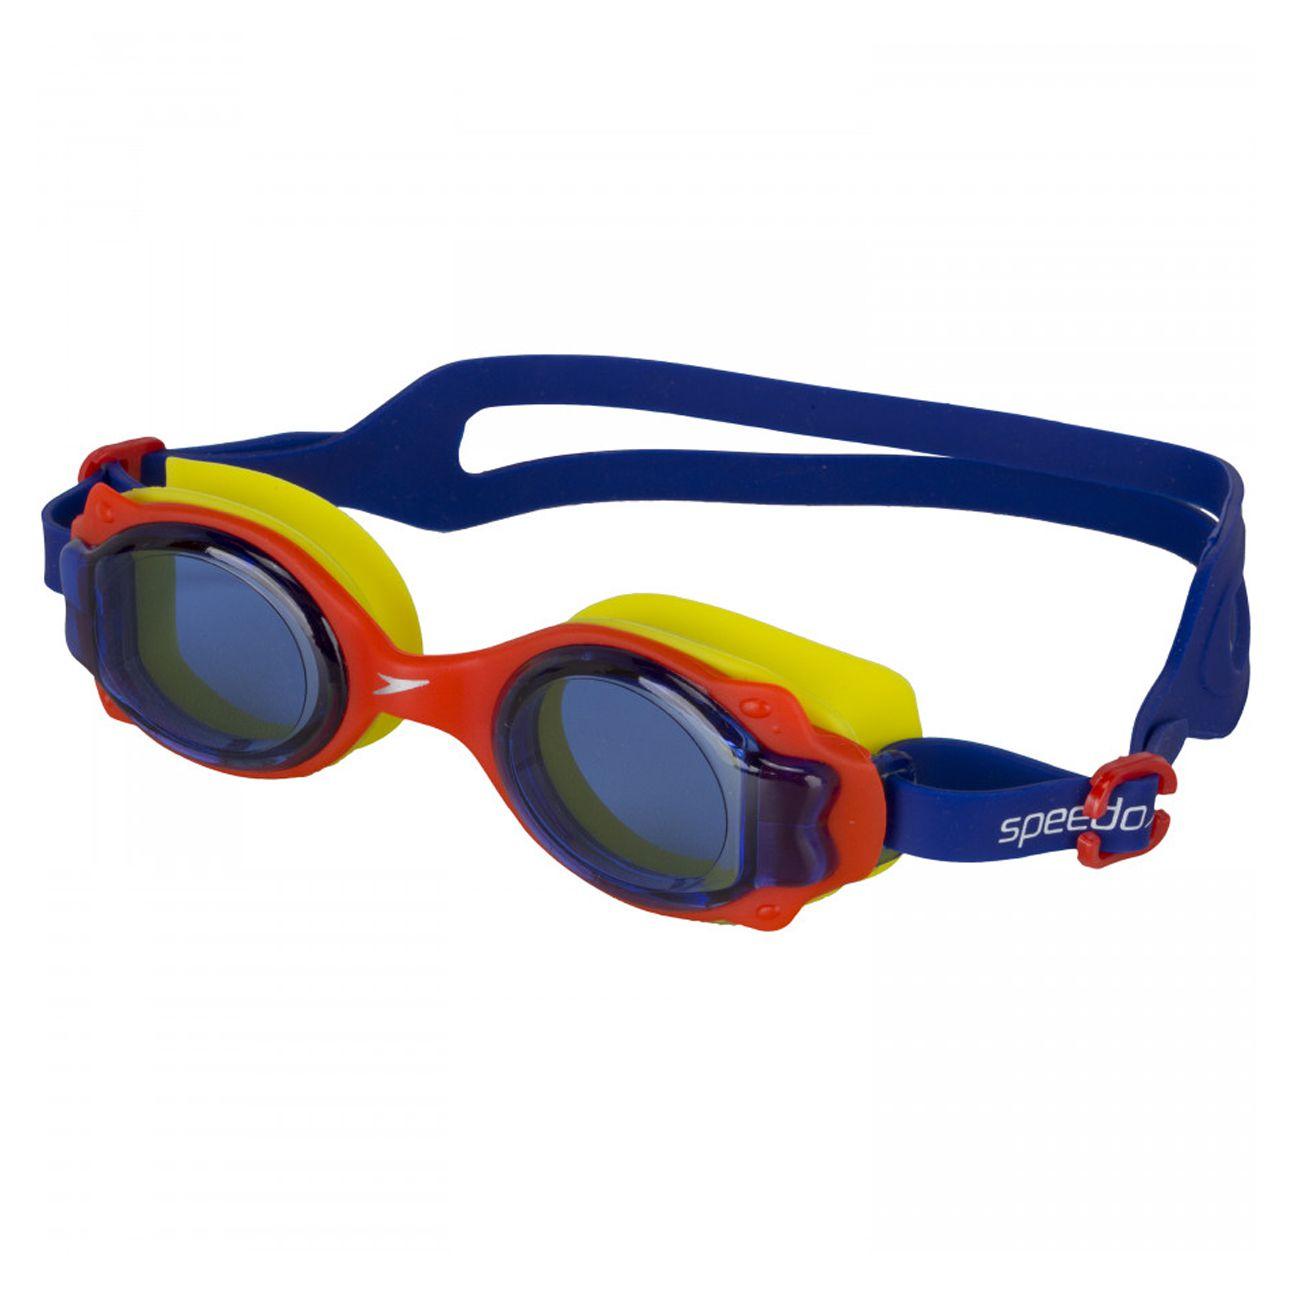 Oculos De Natacao Speedo Lappy Infantil Amarelo E Azul